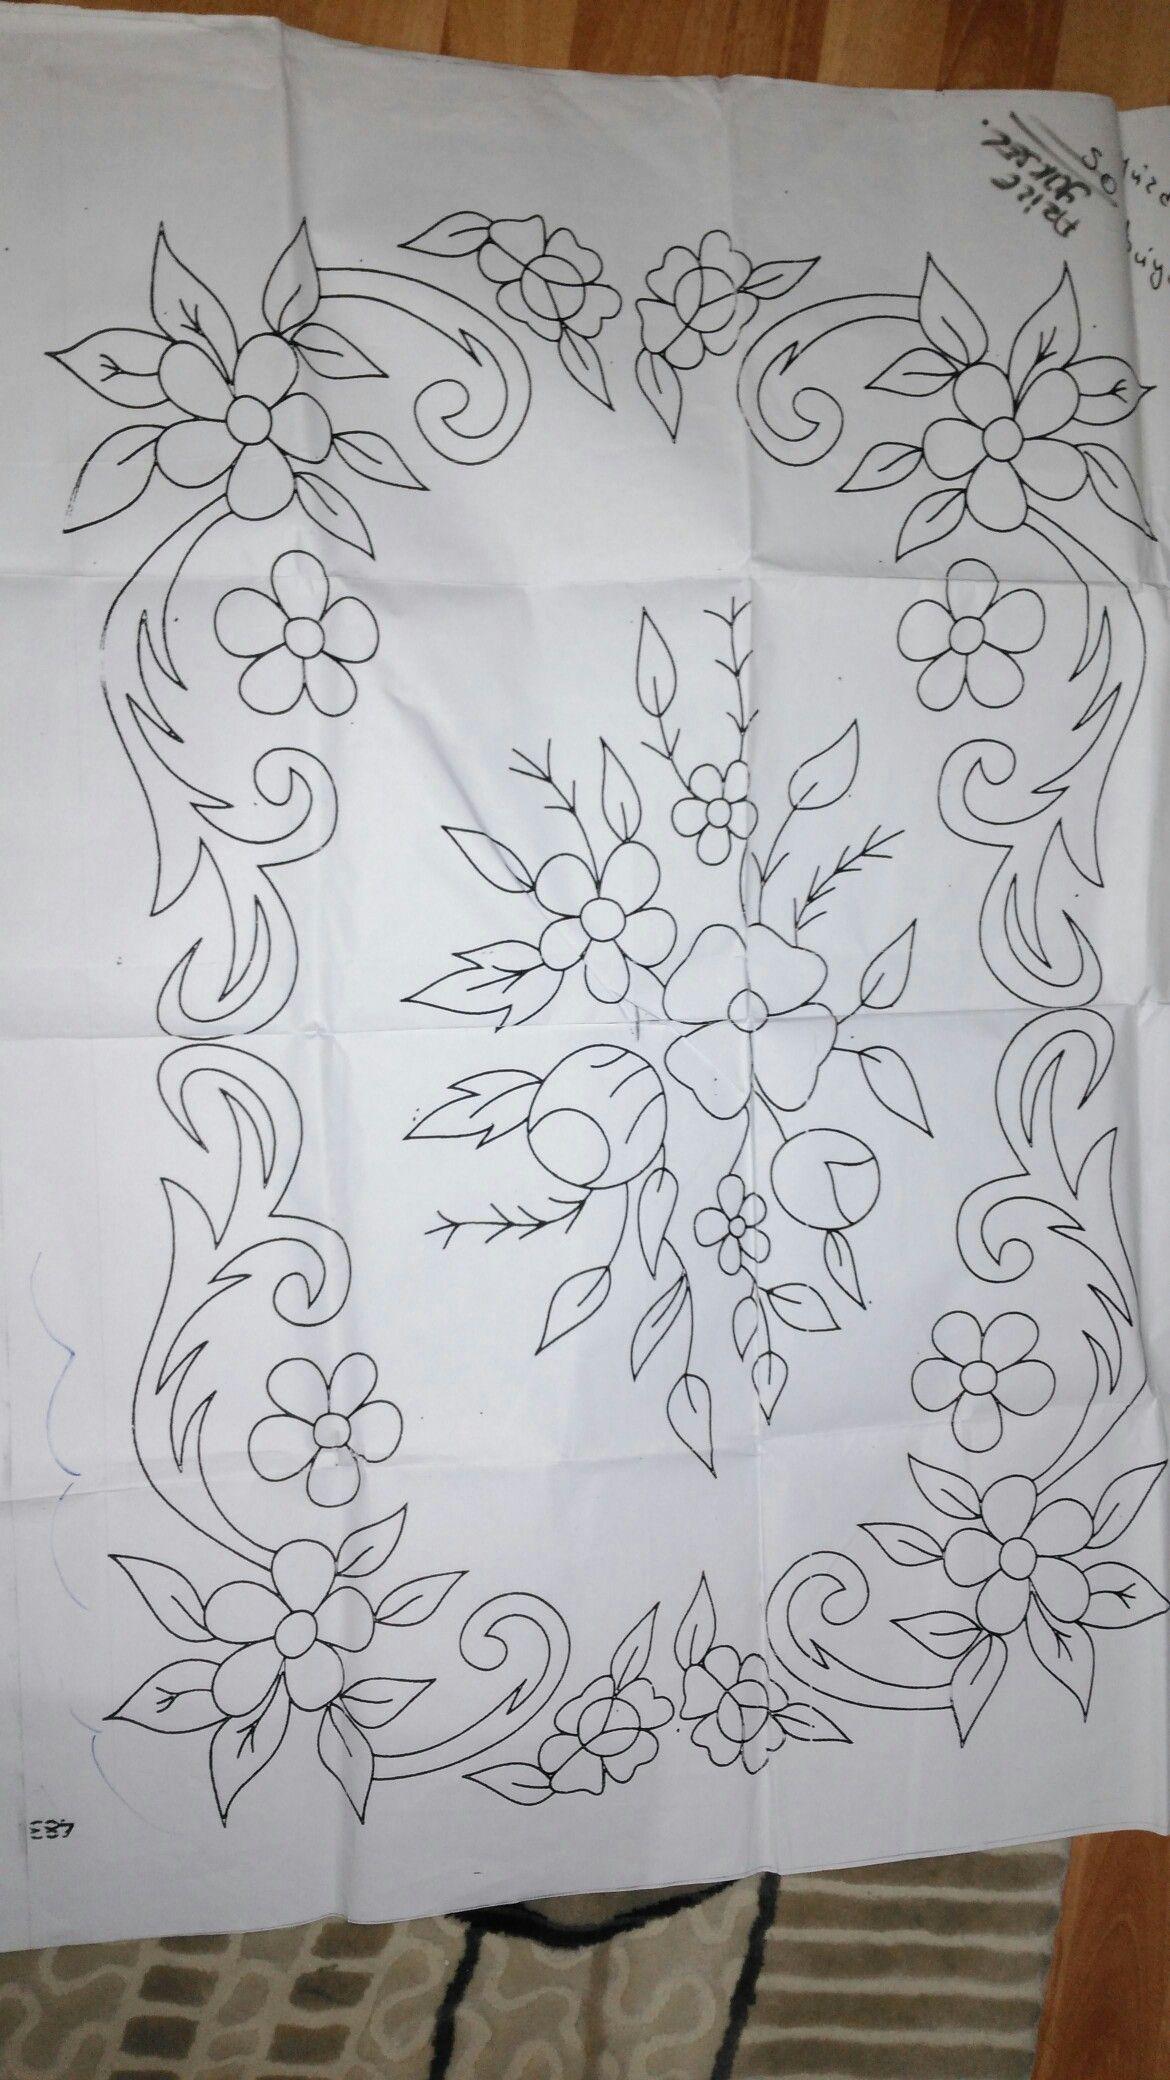 رسومات | شنطة ١ | Bordado, Dibujos para bordar, Bordado mandalas